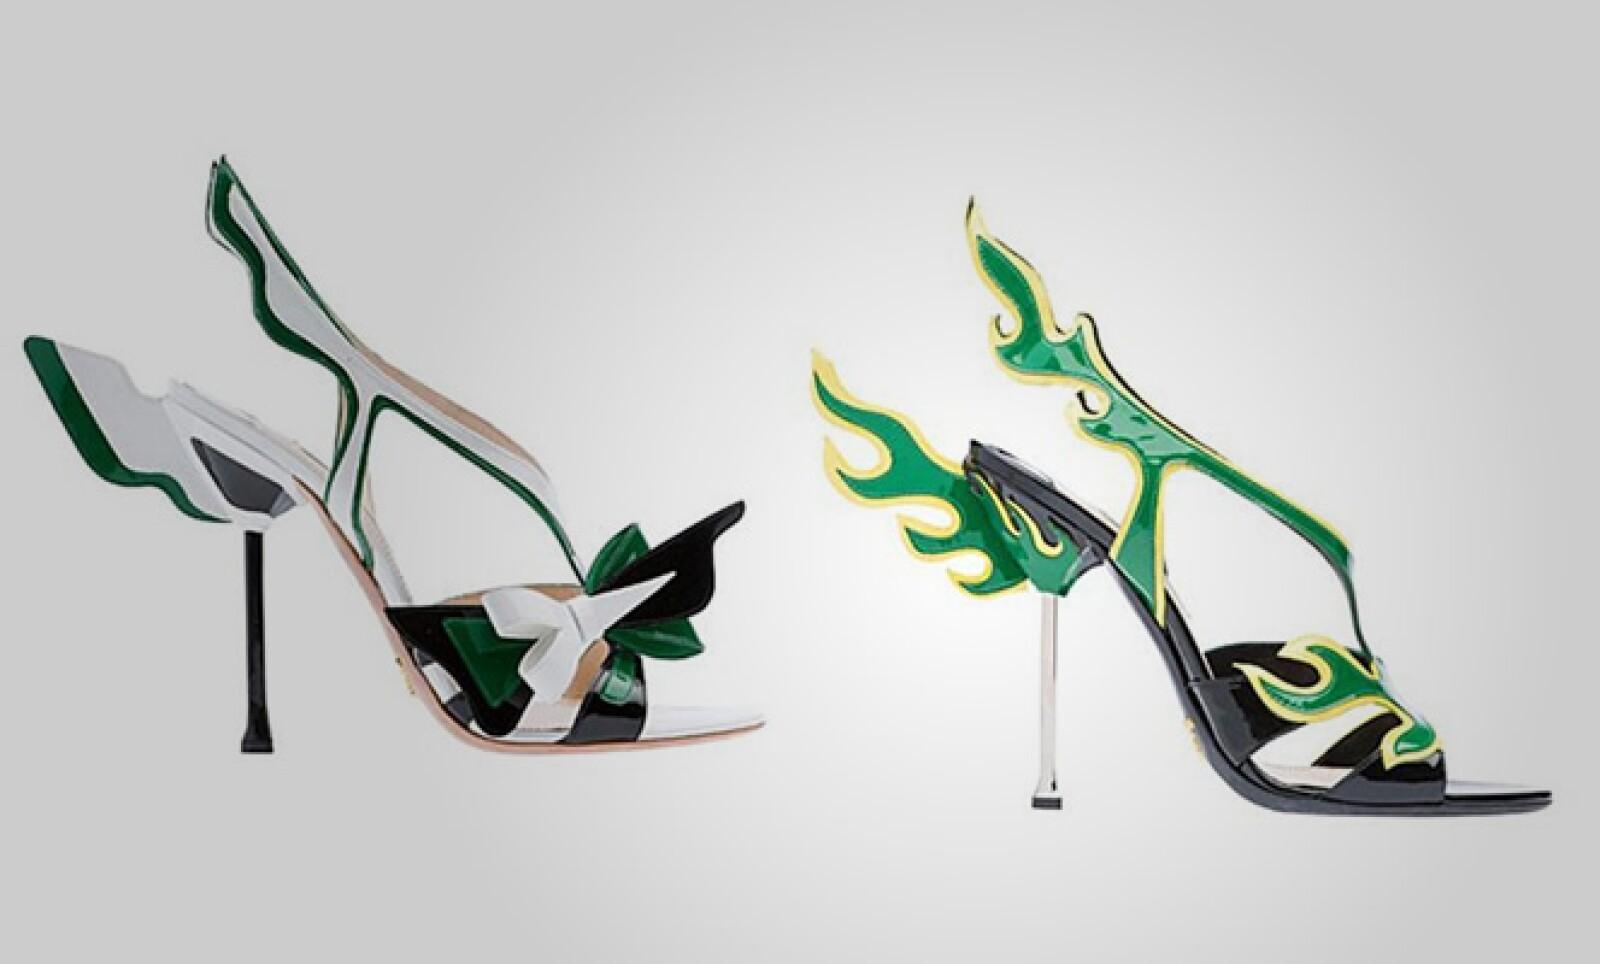 No es la primera vez que se establece un puente entre la industria automotriz, el arte y la moda; la gran diferencia es que Prada comercializará estos zapatos con un precio de 1,450 dólares el par.